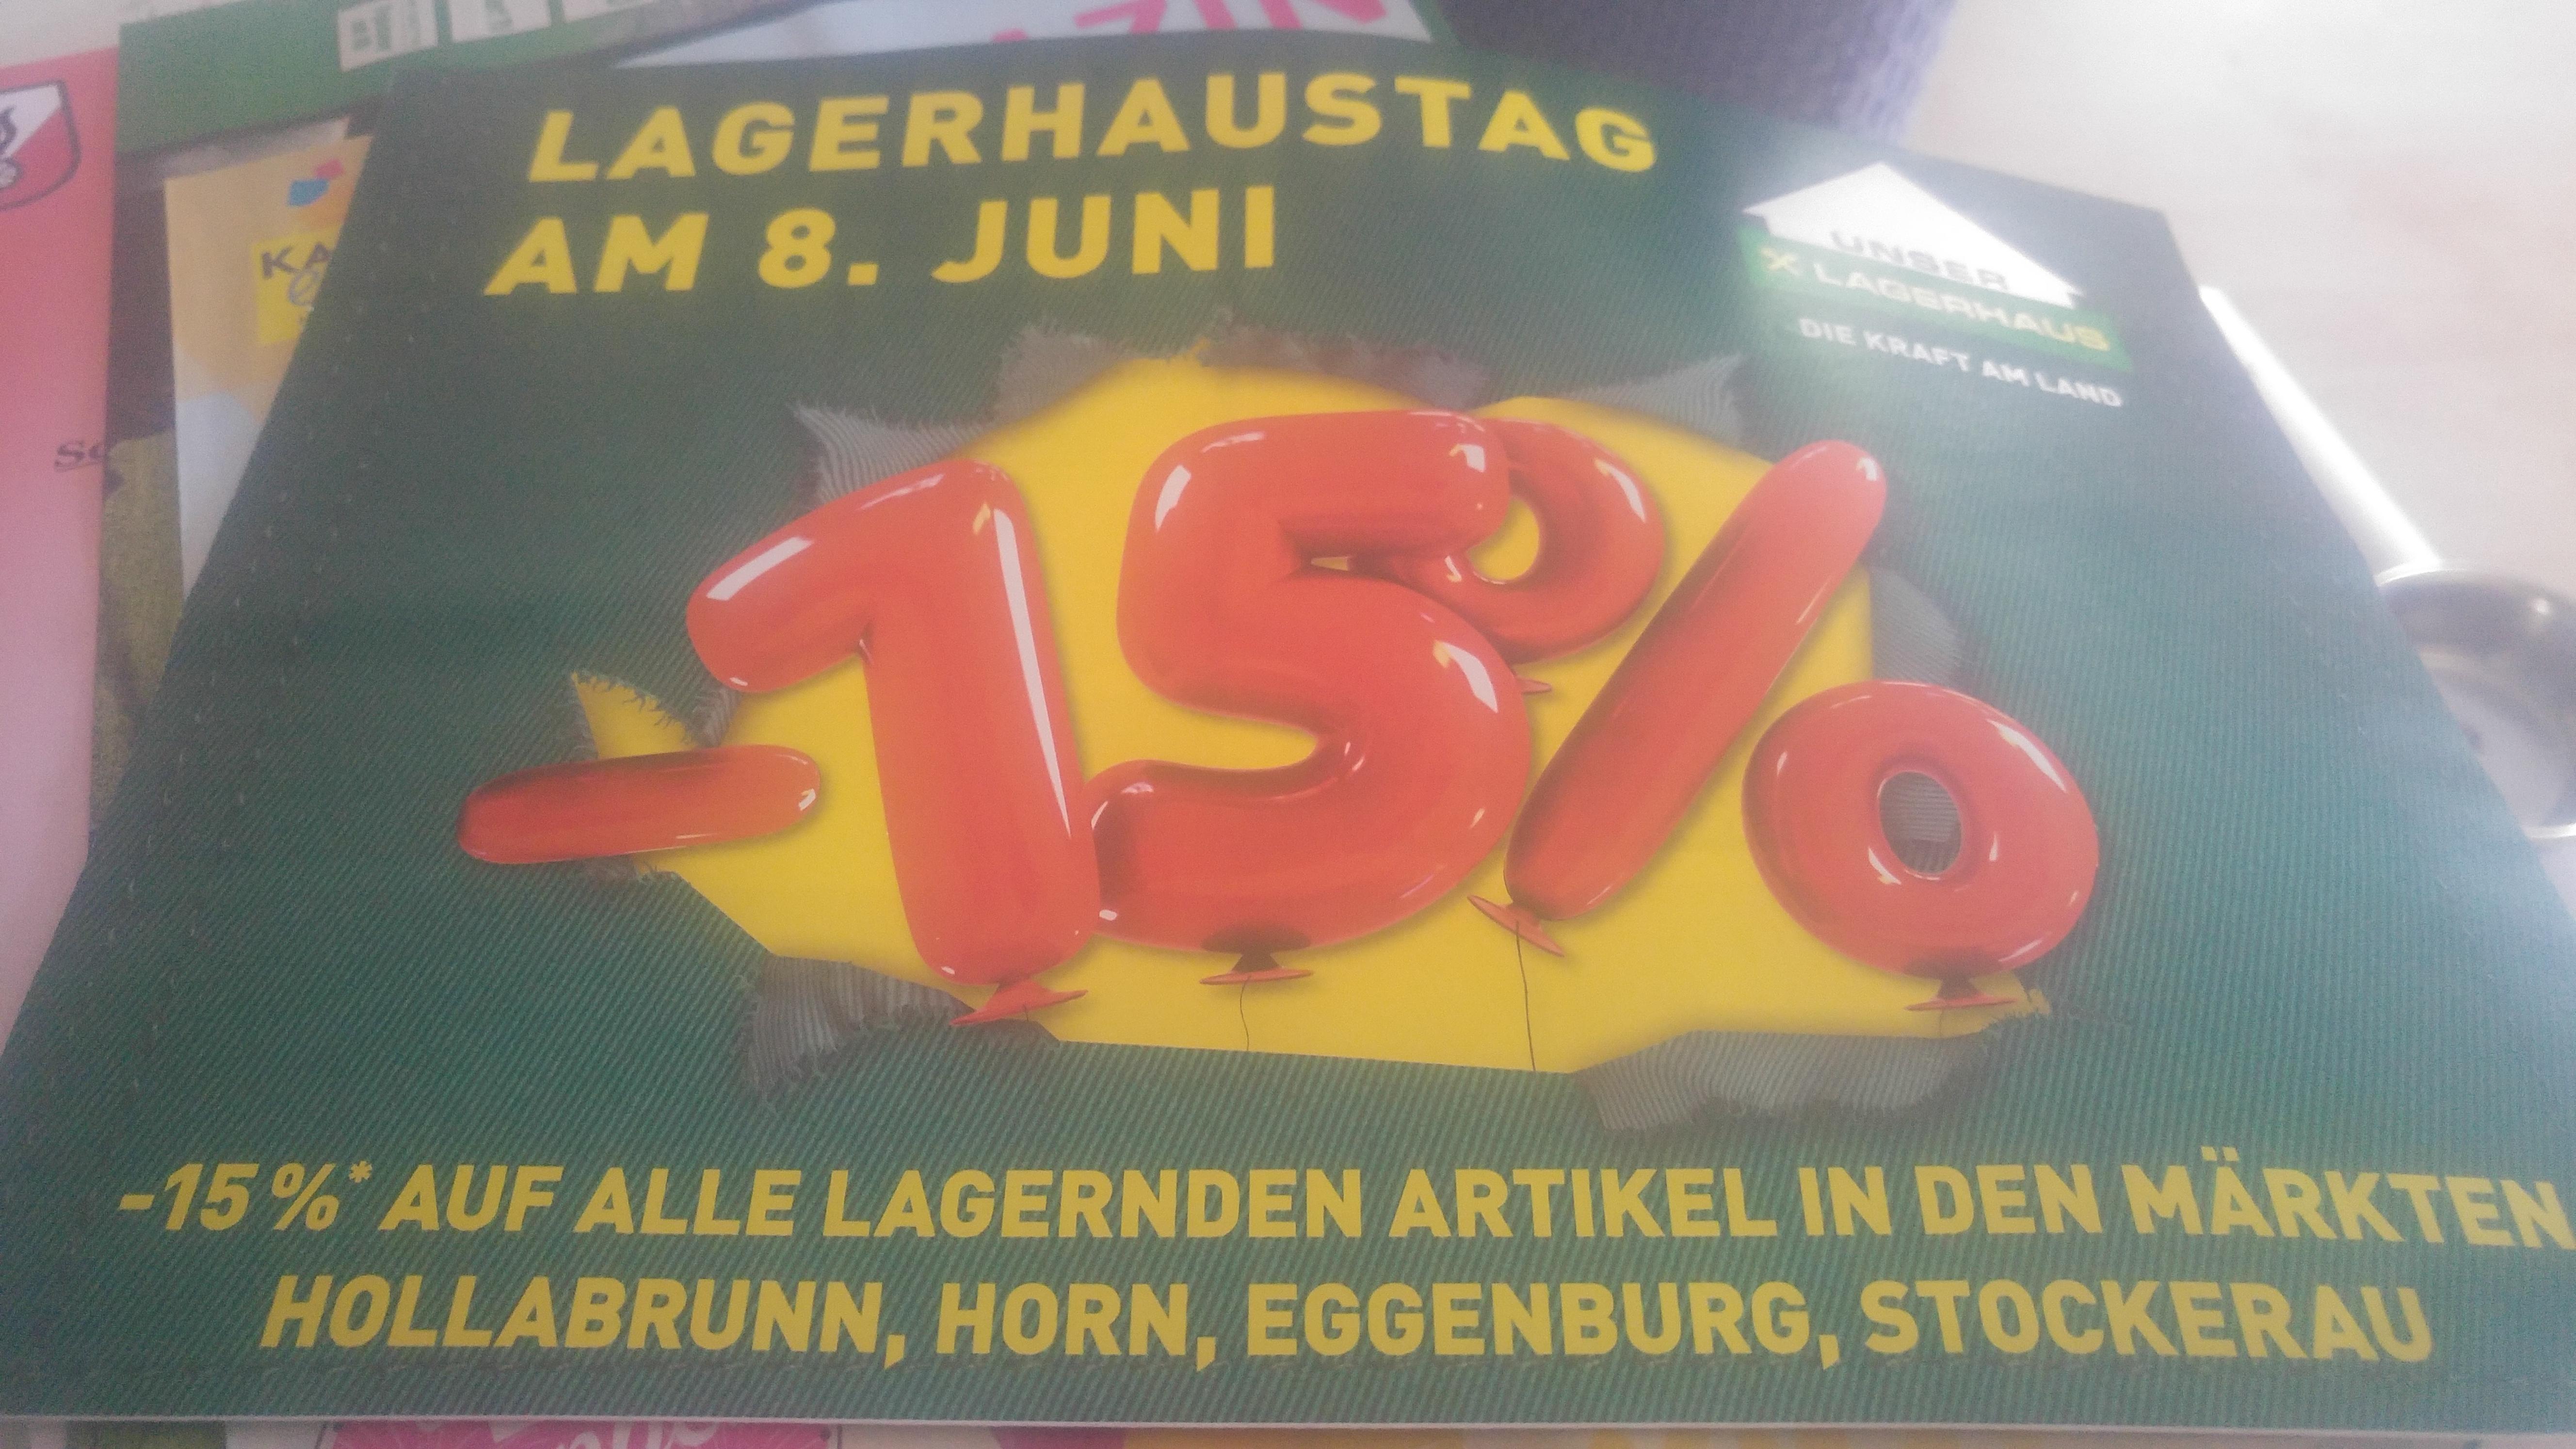 [Lagerhaus - 8.6.2018] 15% Rabatt auf alle lagernden Artikel in Hollabrunn, Horn, Eggenburg und Stockerau